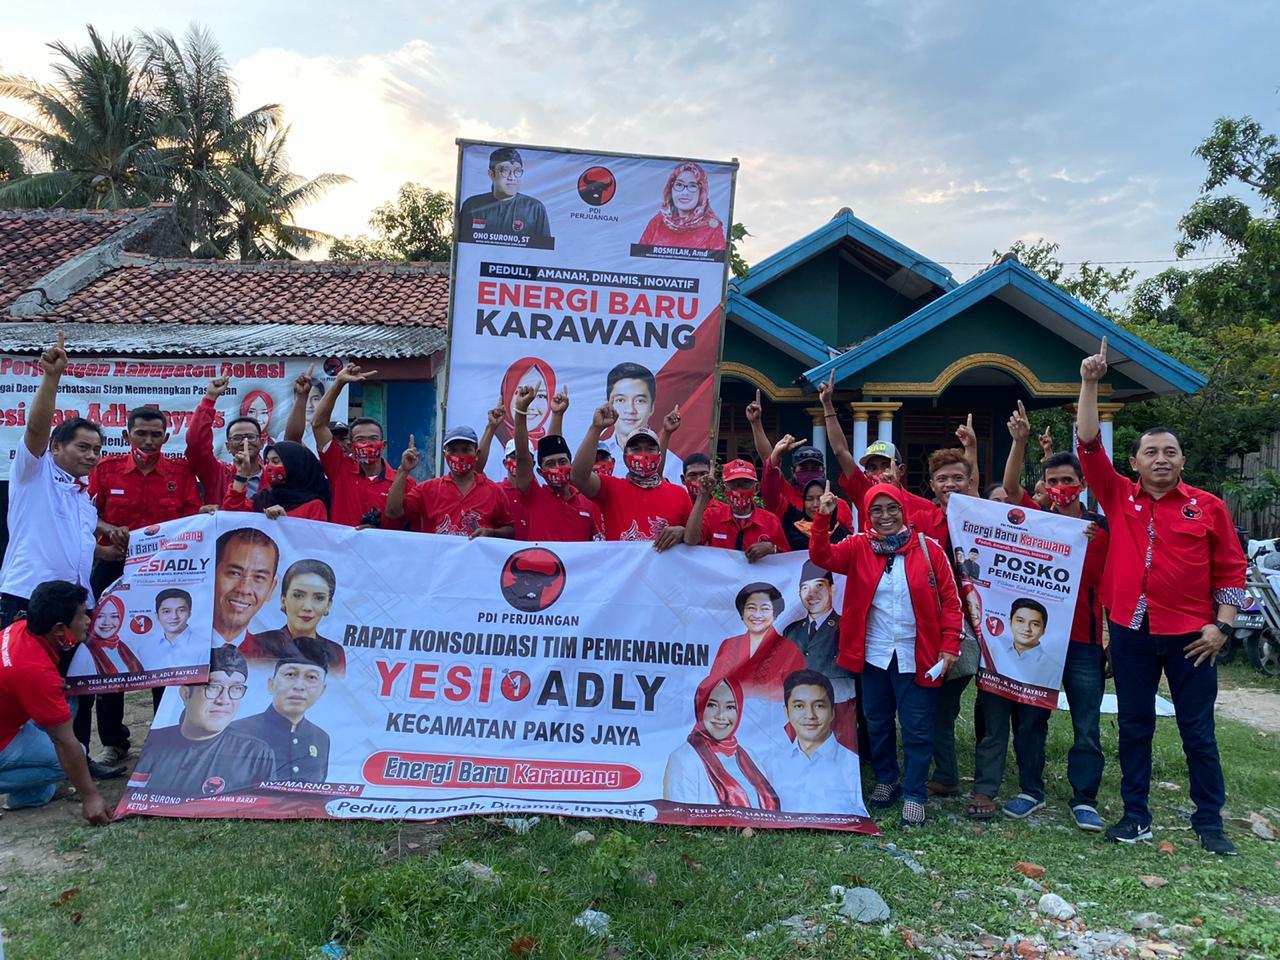 Banteng Bekasi Distribusikan Ribuan APK di Pakisjaya